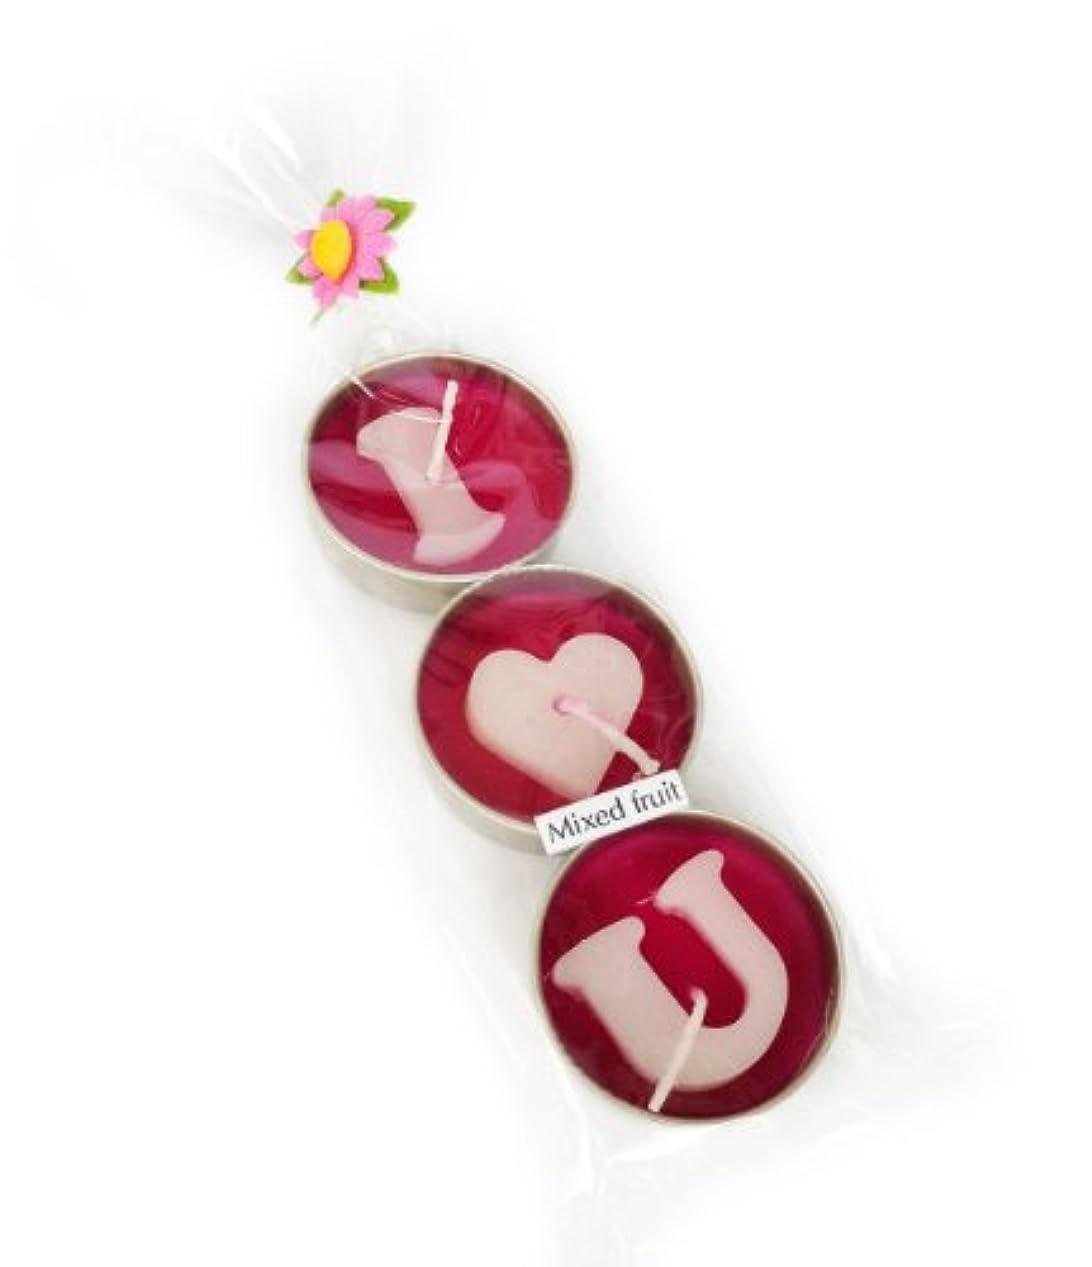 反対する注入啓発するアロマキャンドル/ラブキャンドル/ILoveU/モーク/ロウソク/ろうそ/1パック3個入り/(1Pack  3pc I love U Candle) (Mixed Fruit)